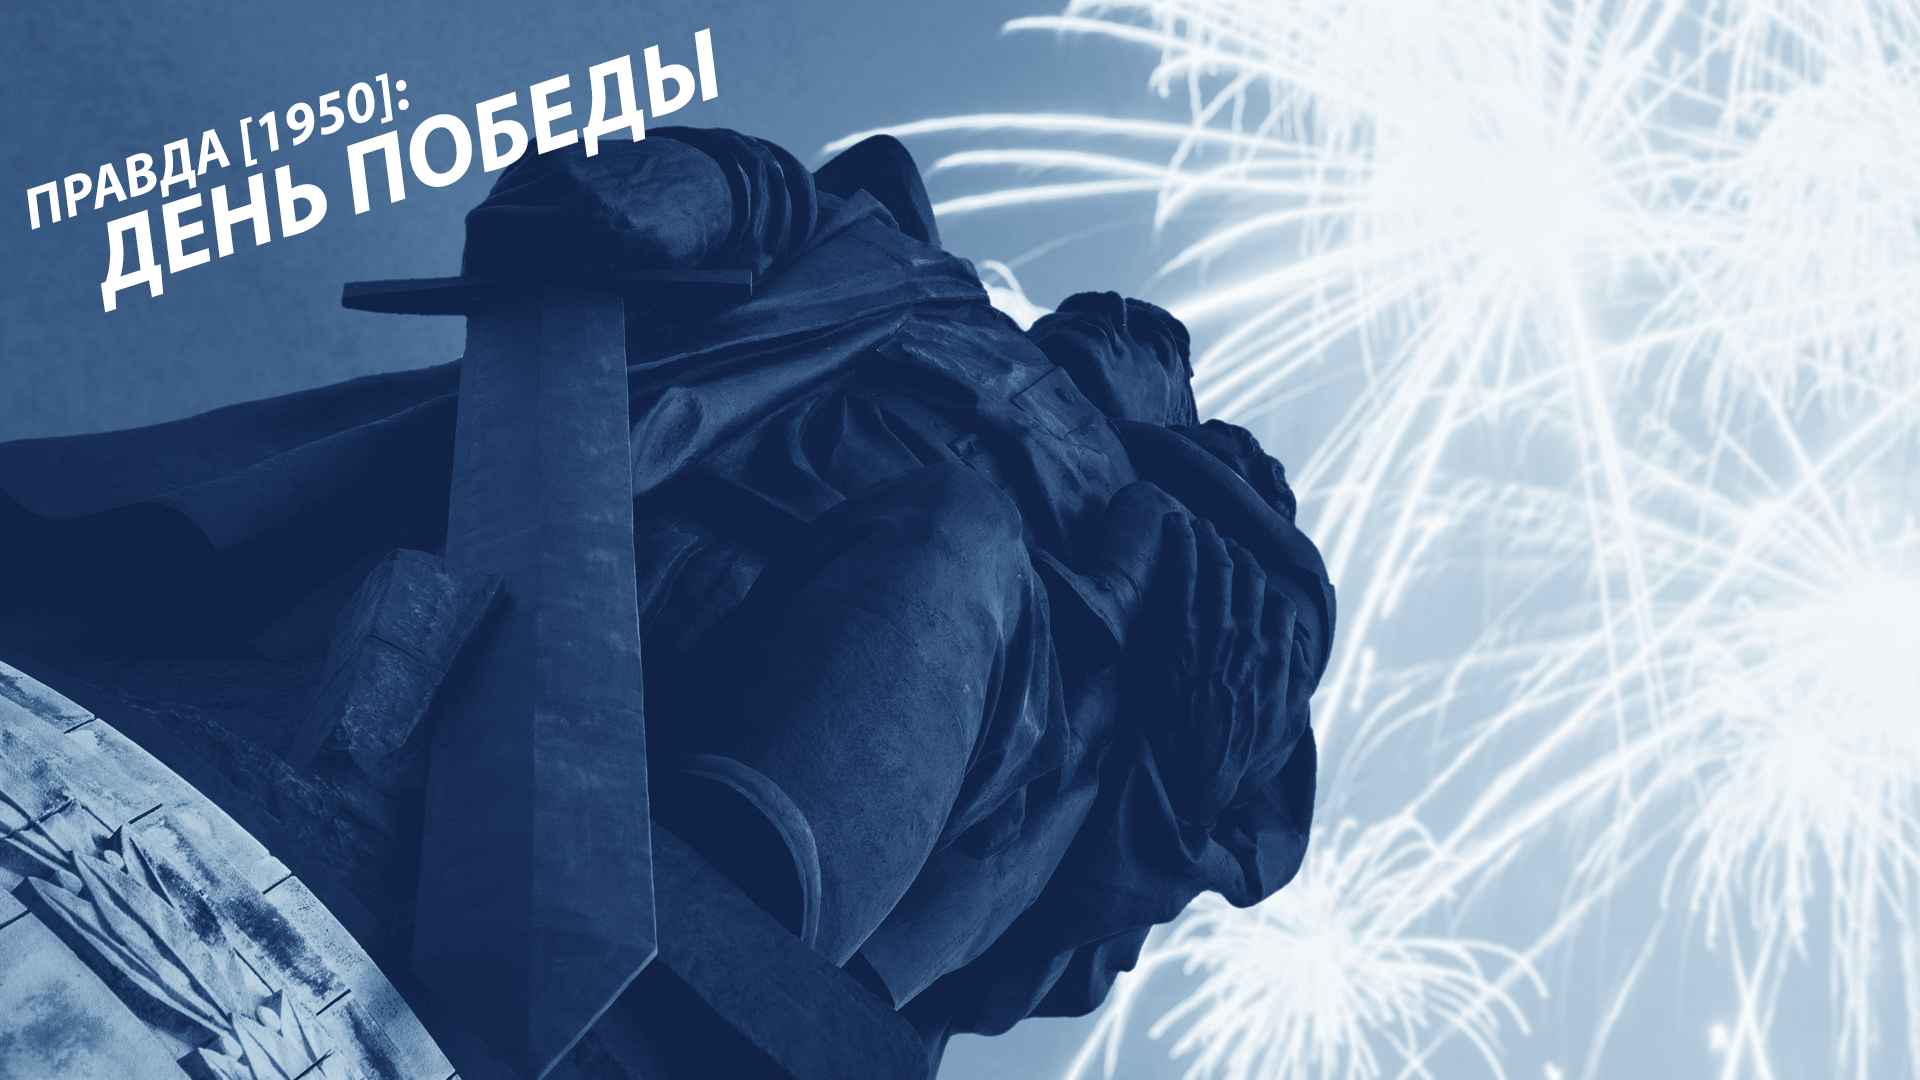 [Правда 1950]: День Победы